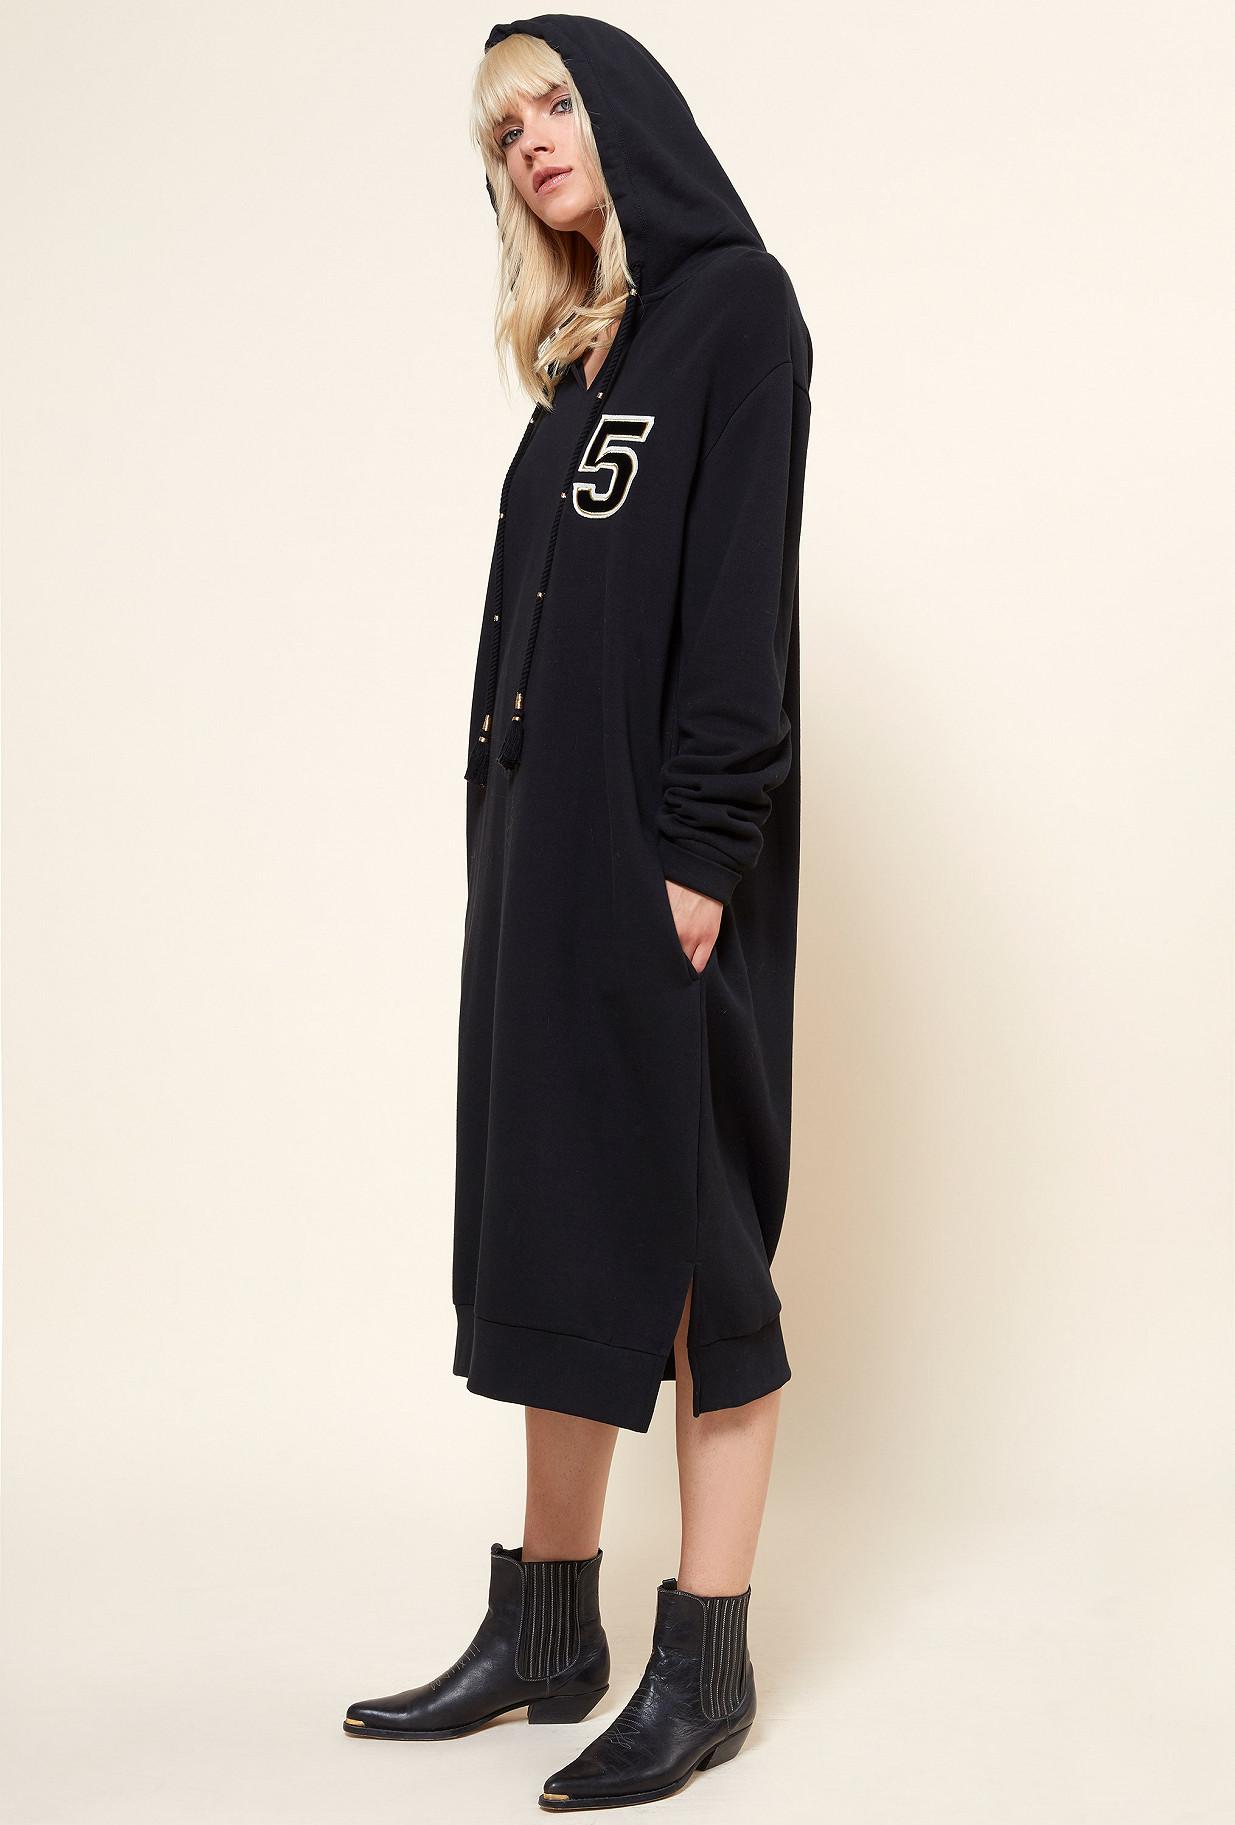 Black  Sweater  Coco Mes demoiselles fashion clothes designer Paris